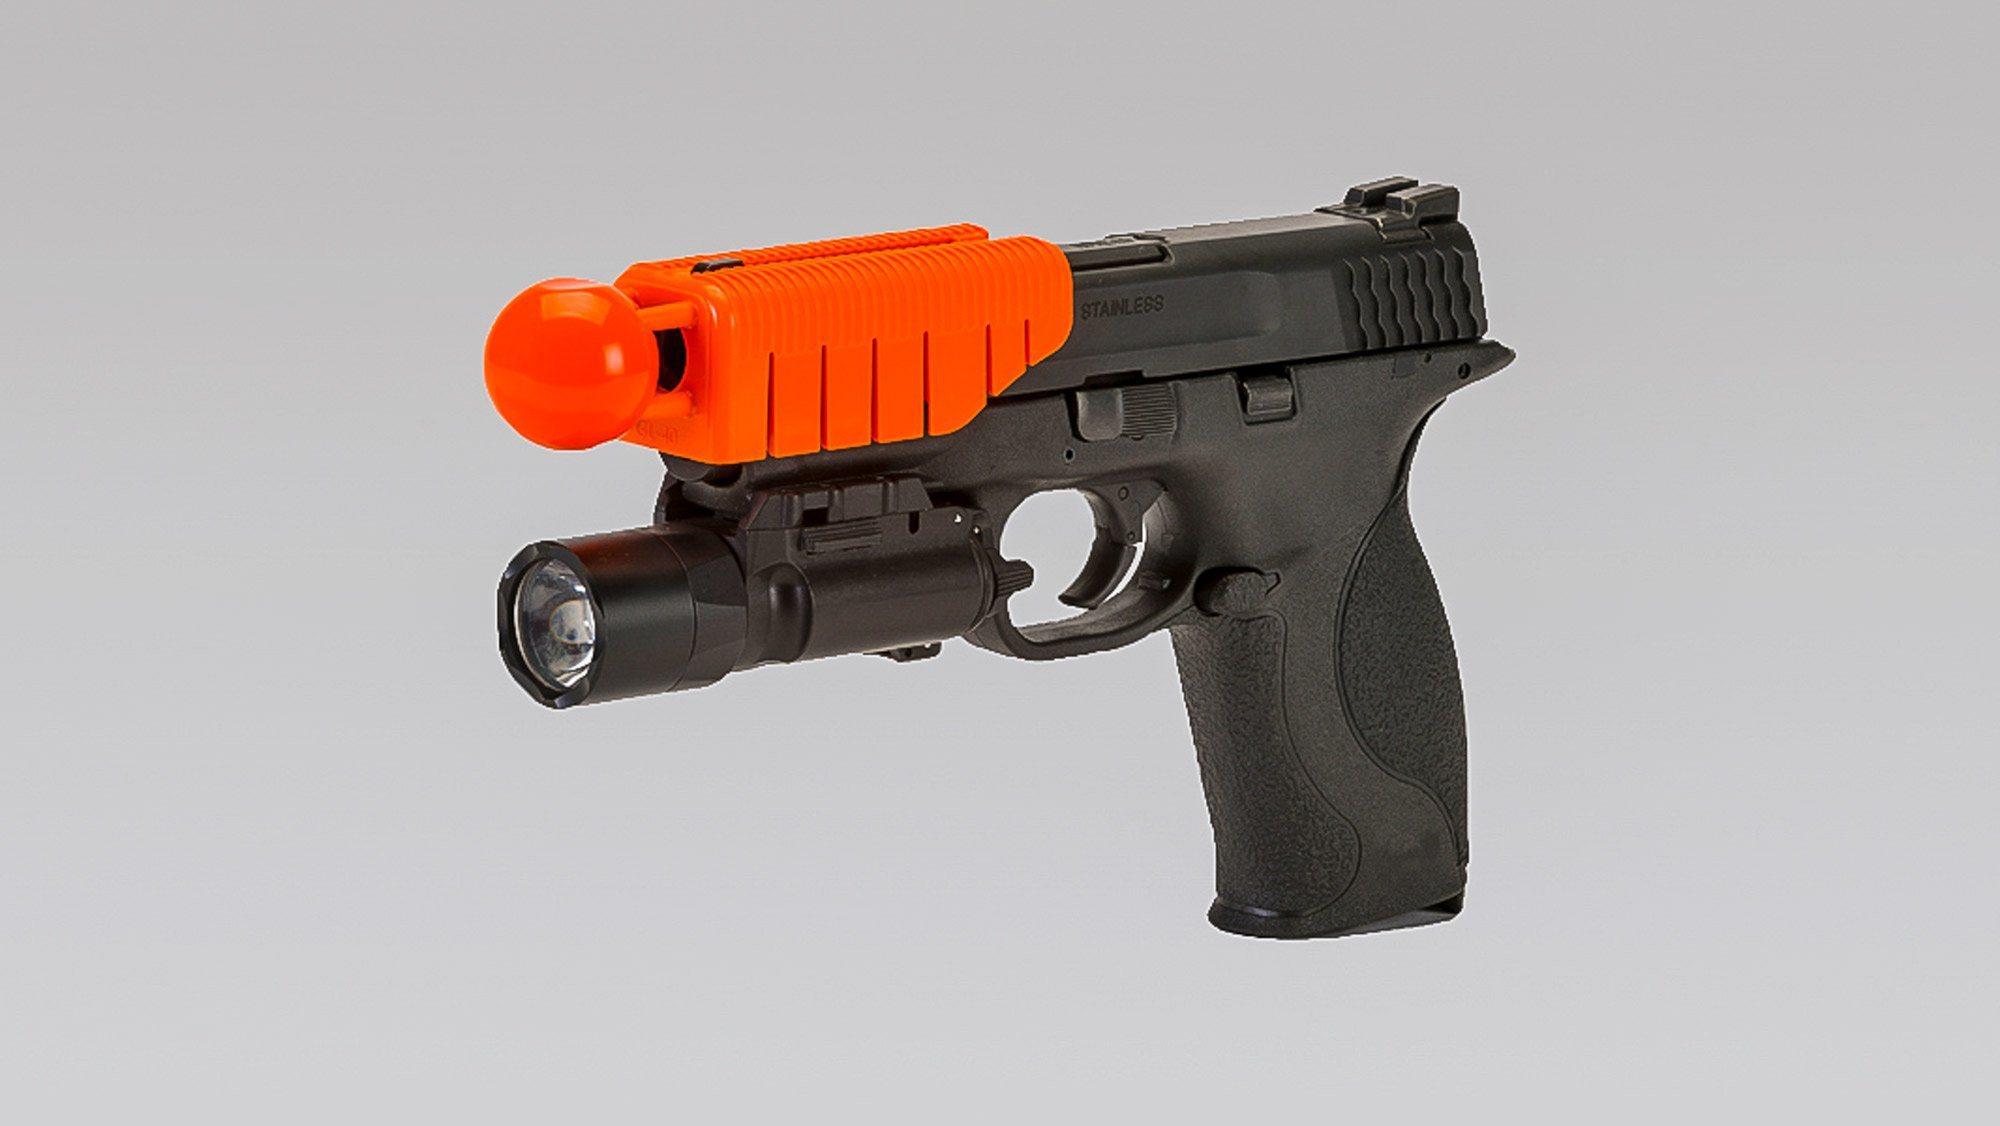 Phát minh mới về loại súng này sẽ giảm độ sát thương cho dân thường